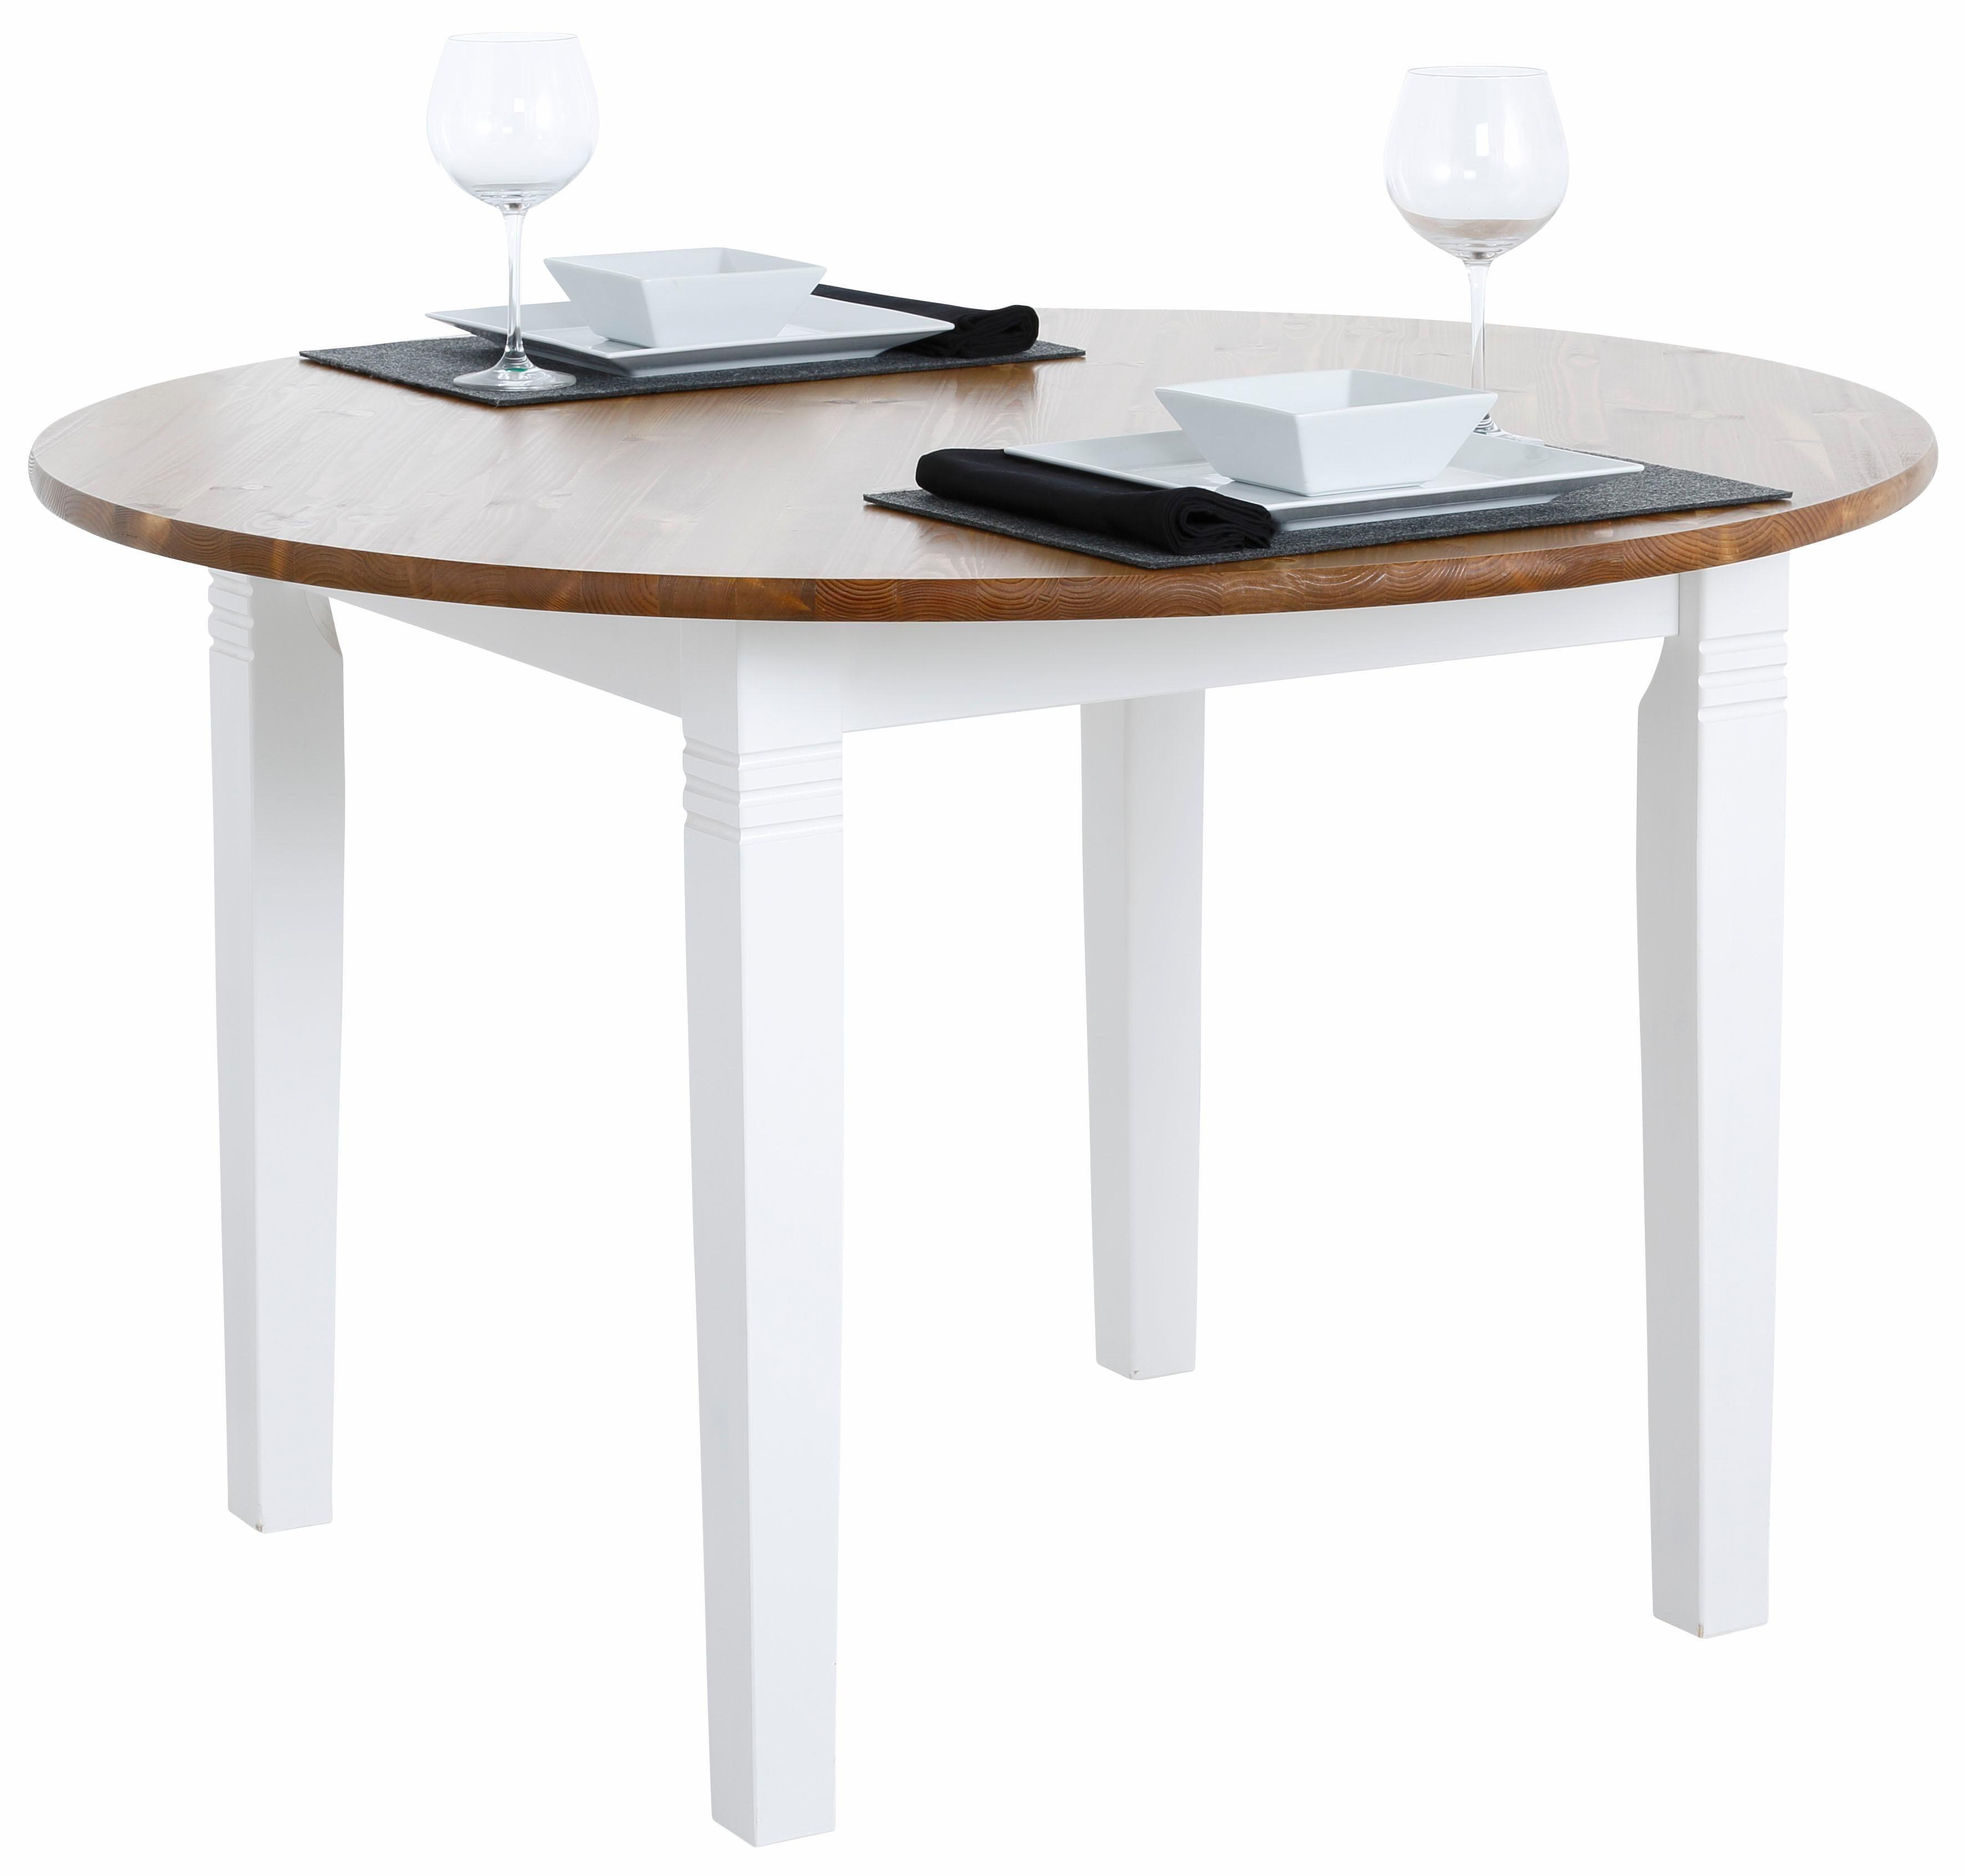 19 sparen home affaire esstisch danuta nur 249 99 cherry m bel otto. Black Bedroom Furniture Sets. Home Design Ideas